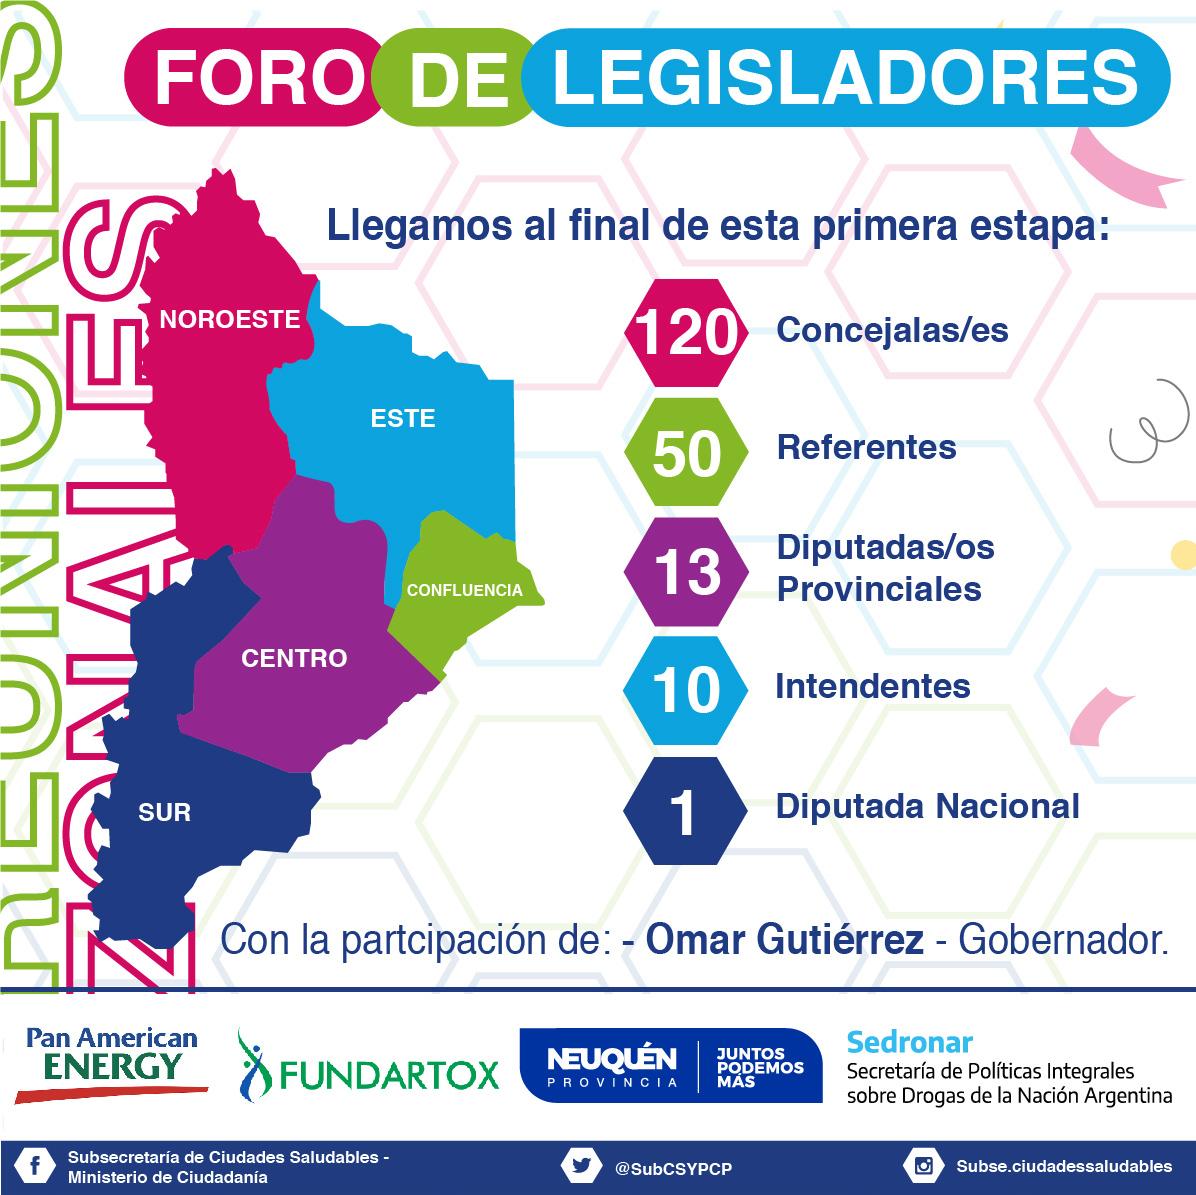 Foro de legisladores Neuquén